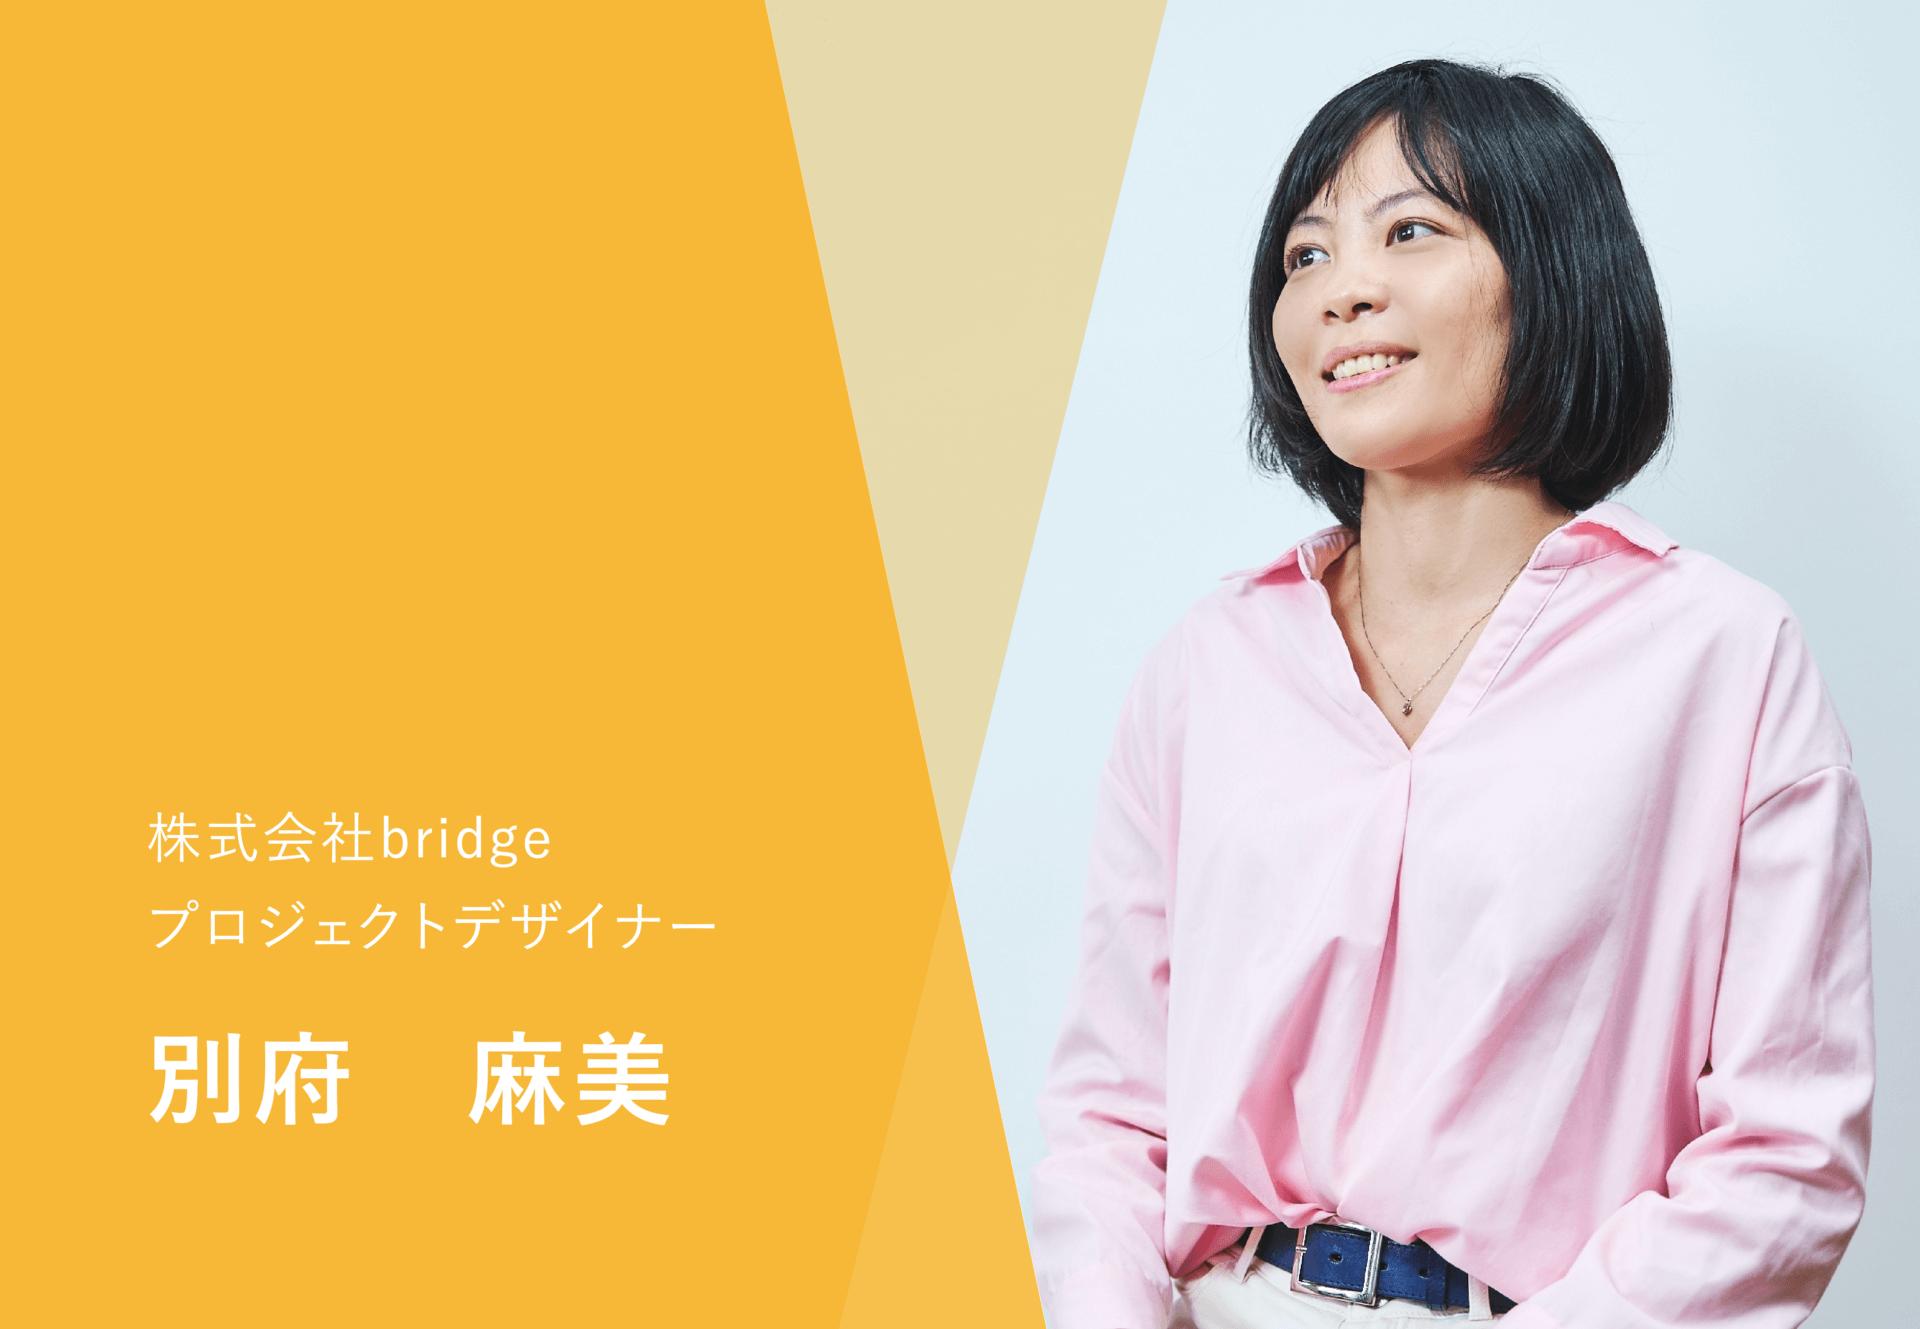 メンバー紹介 別府麻美 プロジェクトデザイナー